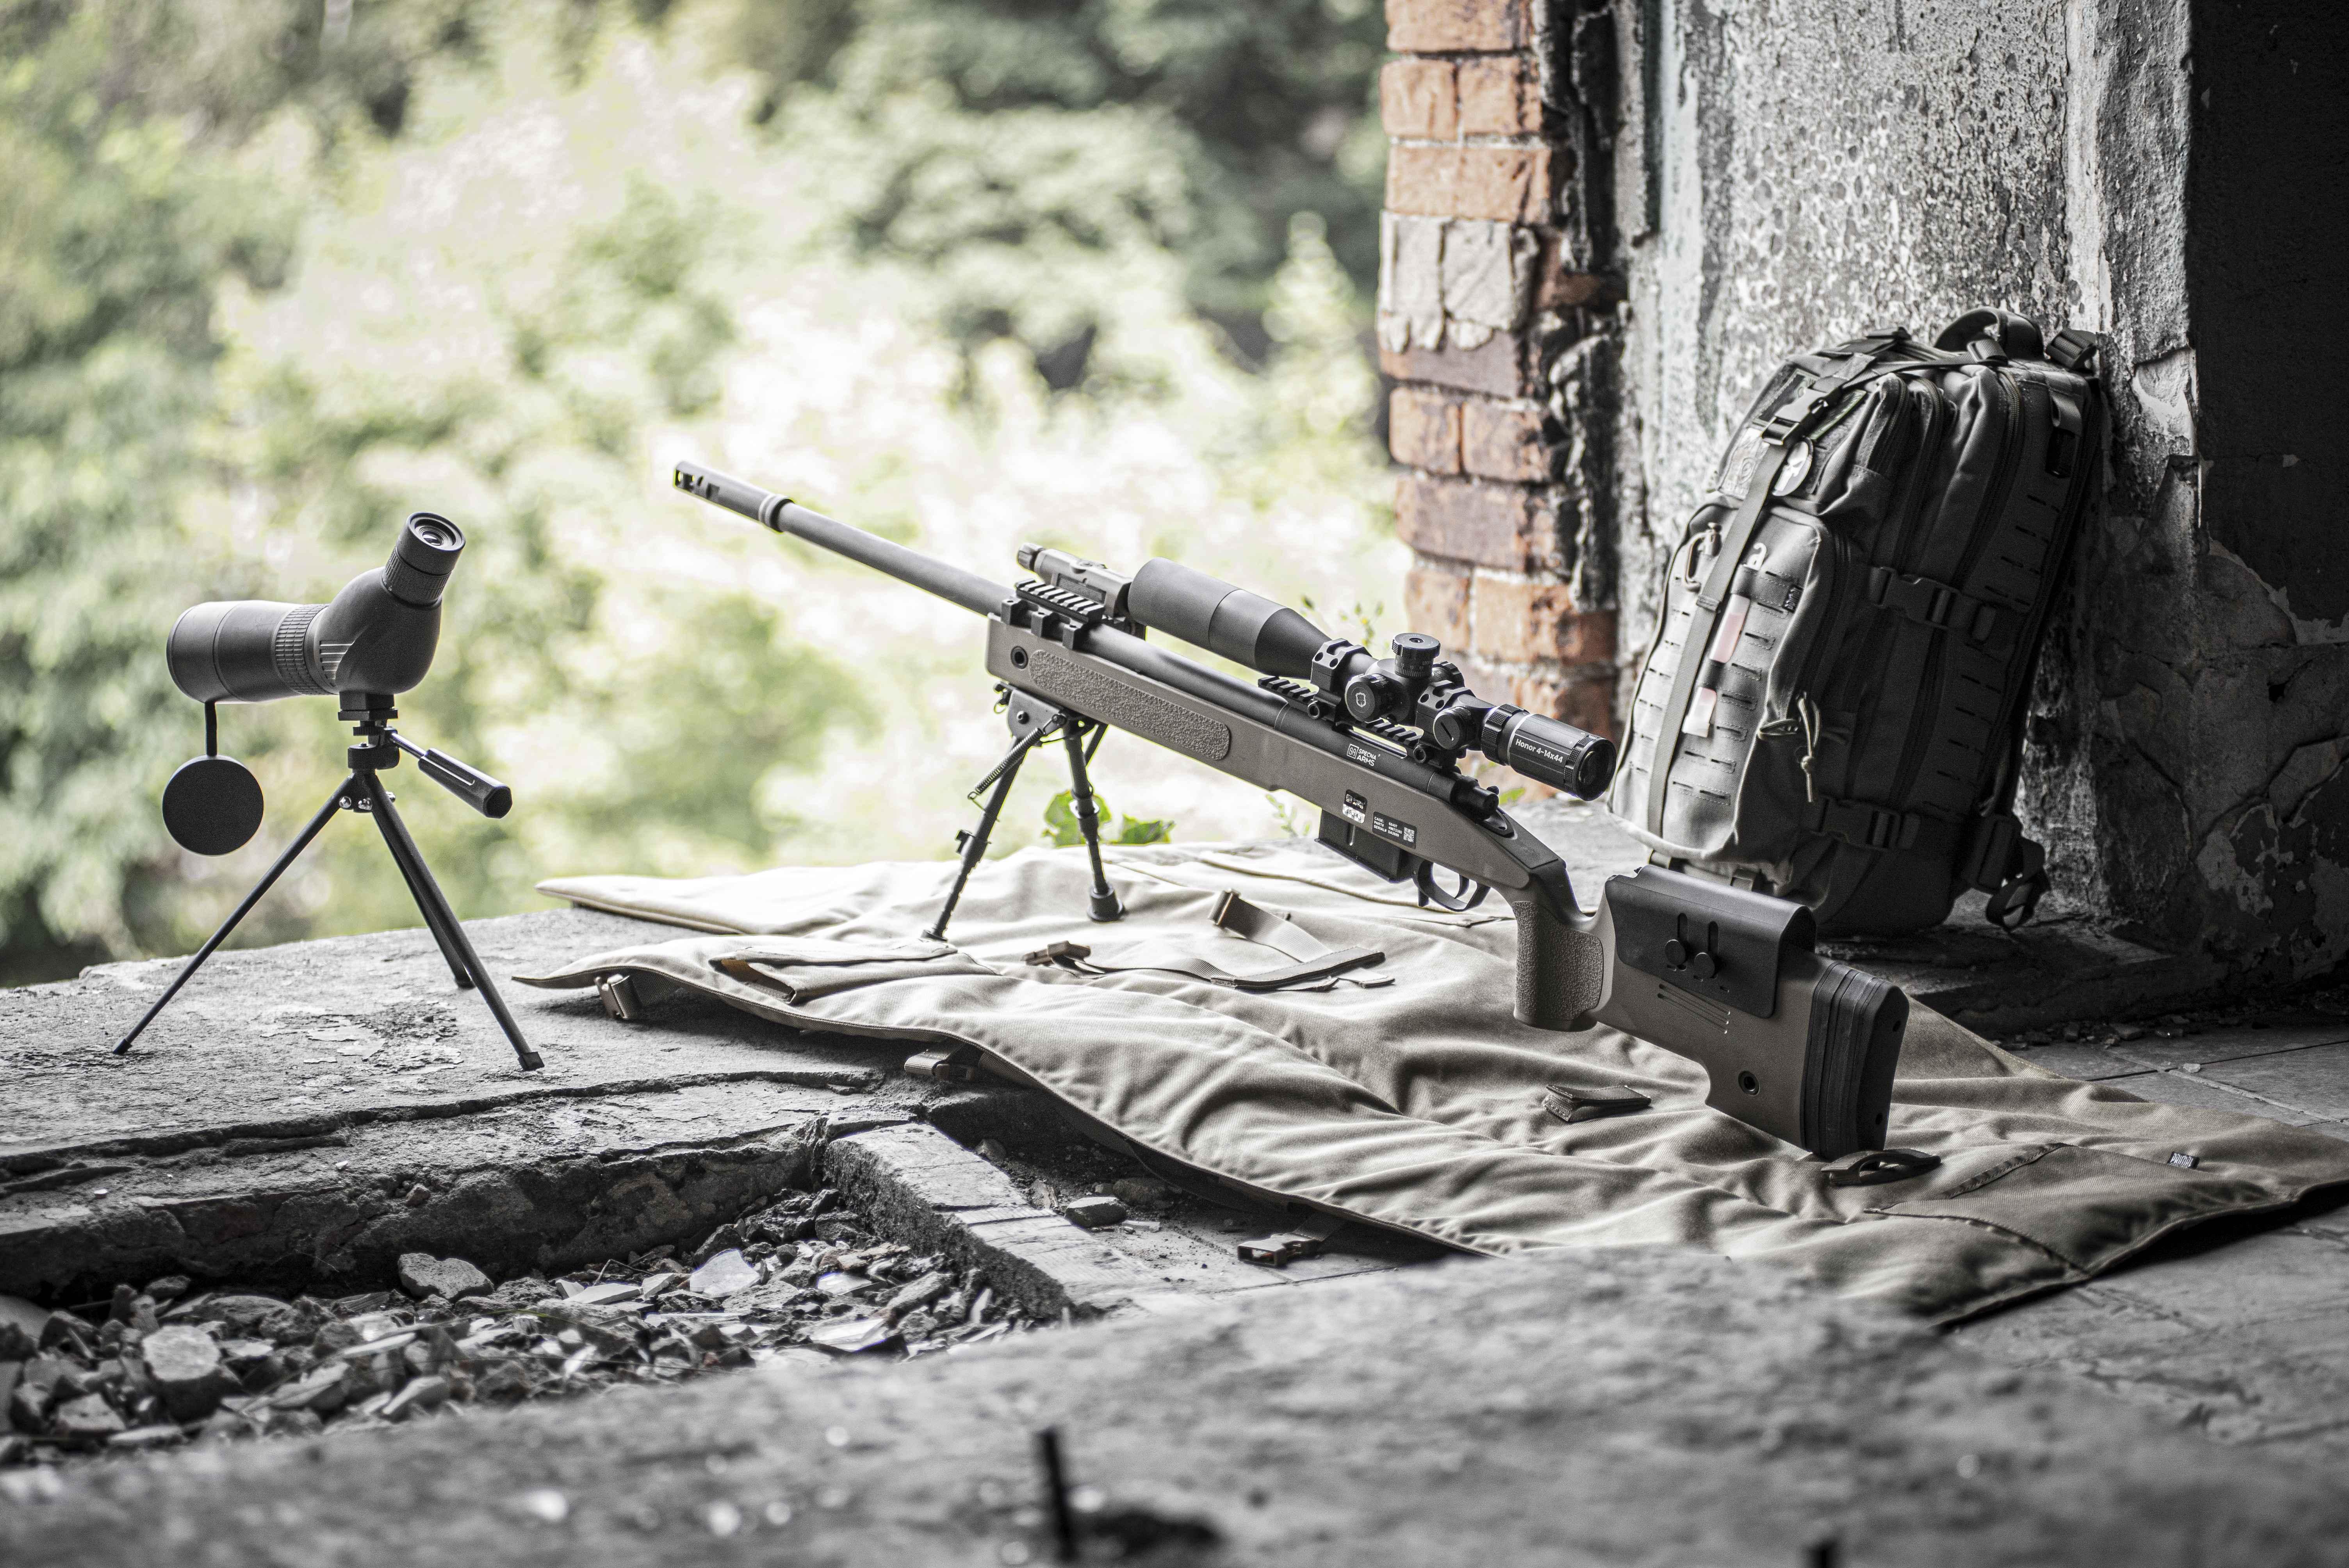 réplique d'un fusil de sniper de Specna Arms en vert olive, fenêtre dans un bâtiment abandonné ; lunette de visée